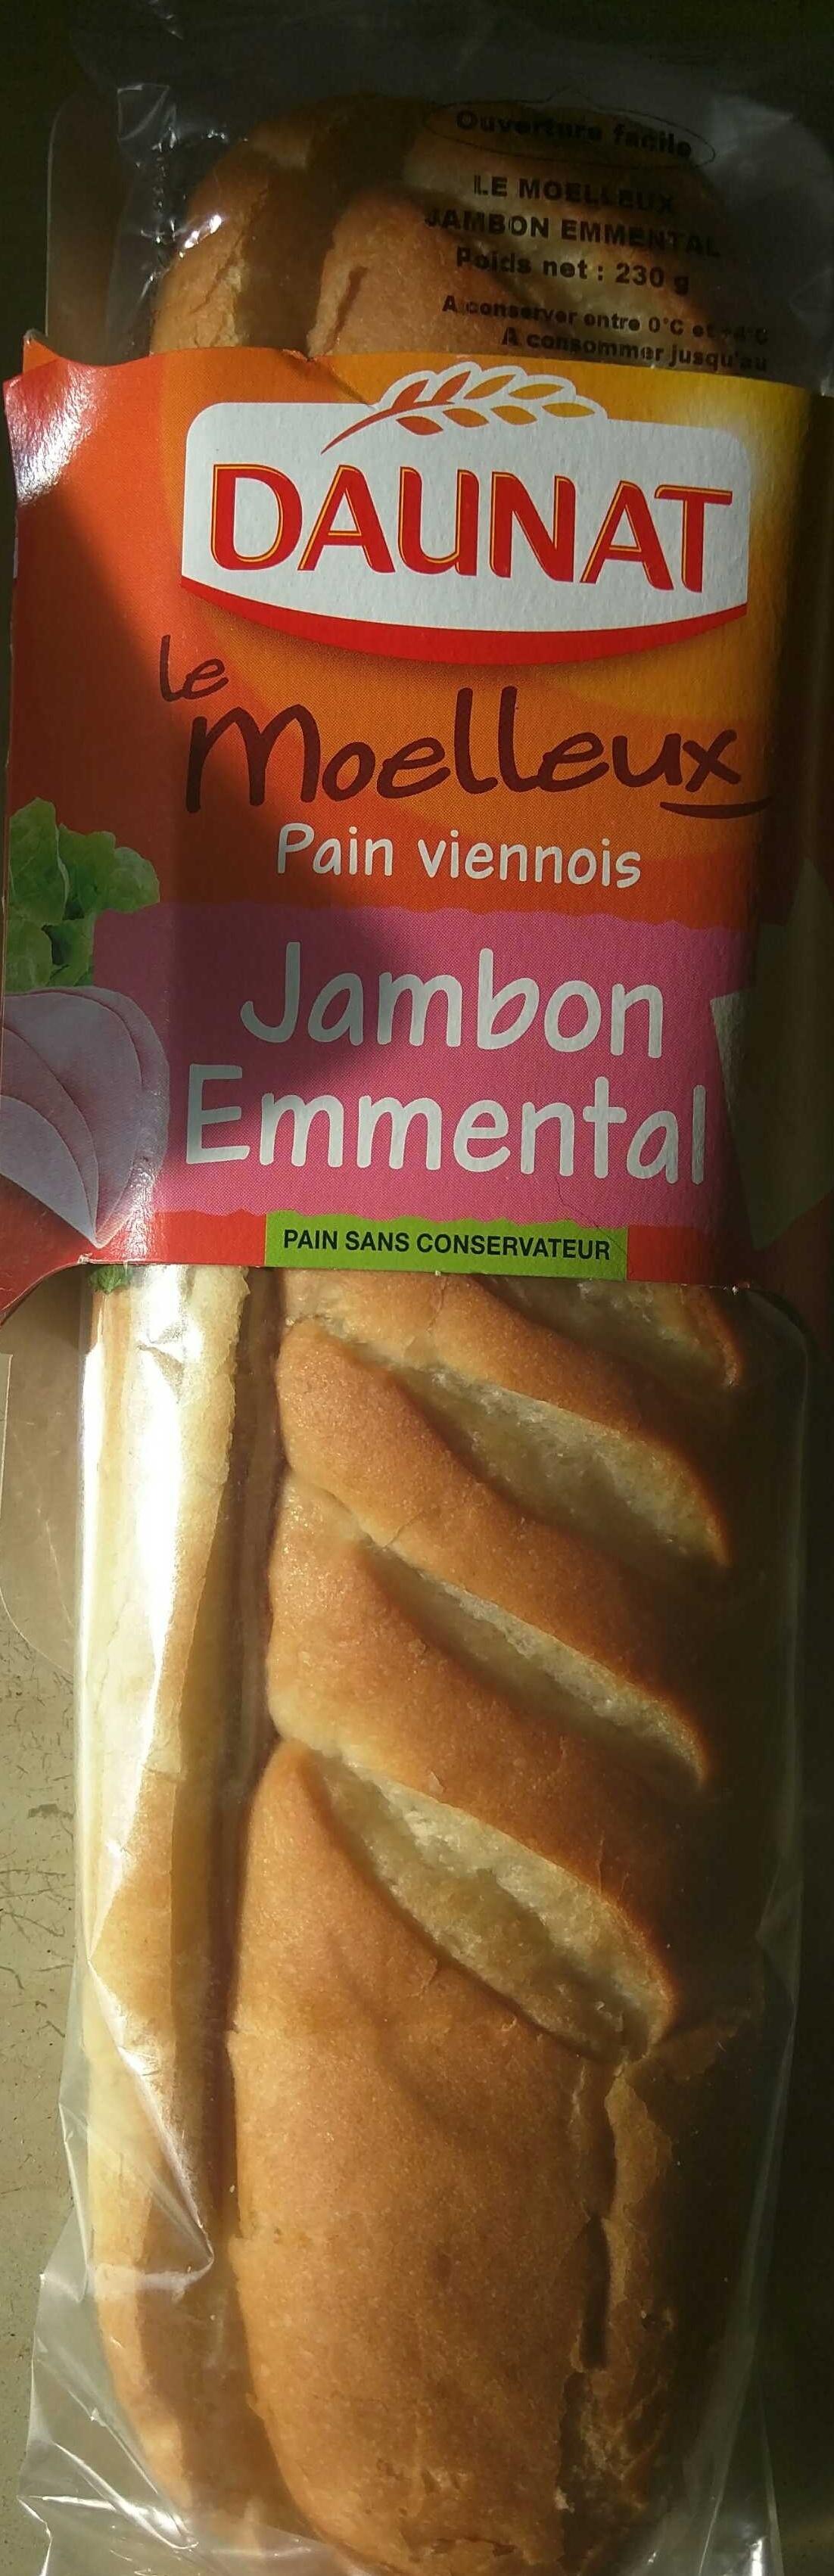 Le Moelleux Jambon Emmental - Producto